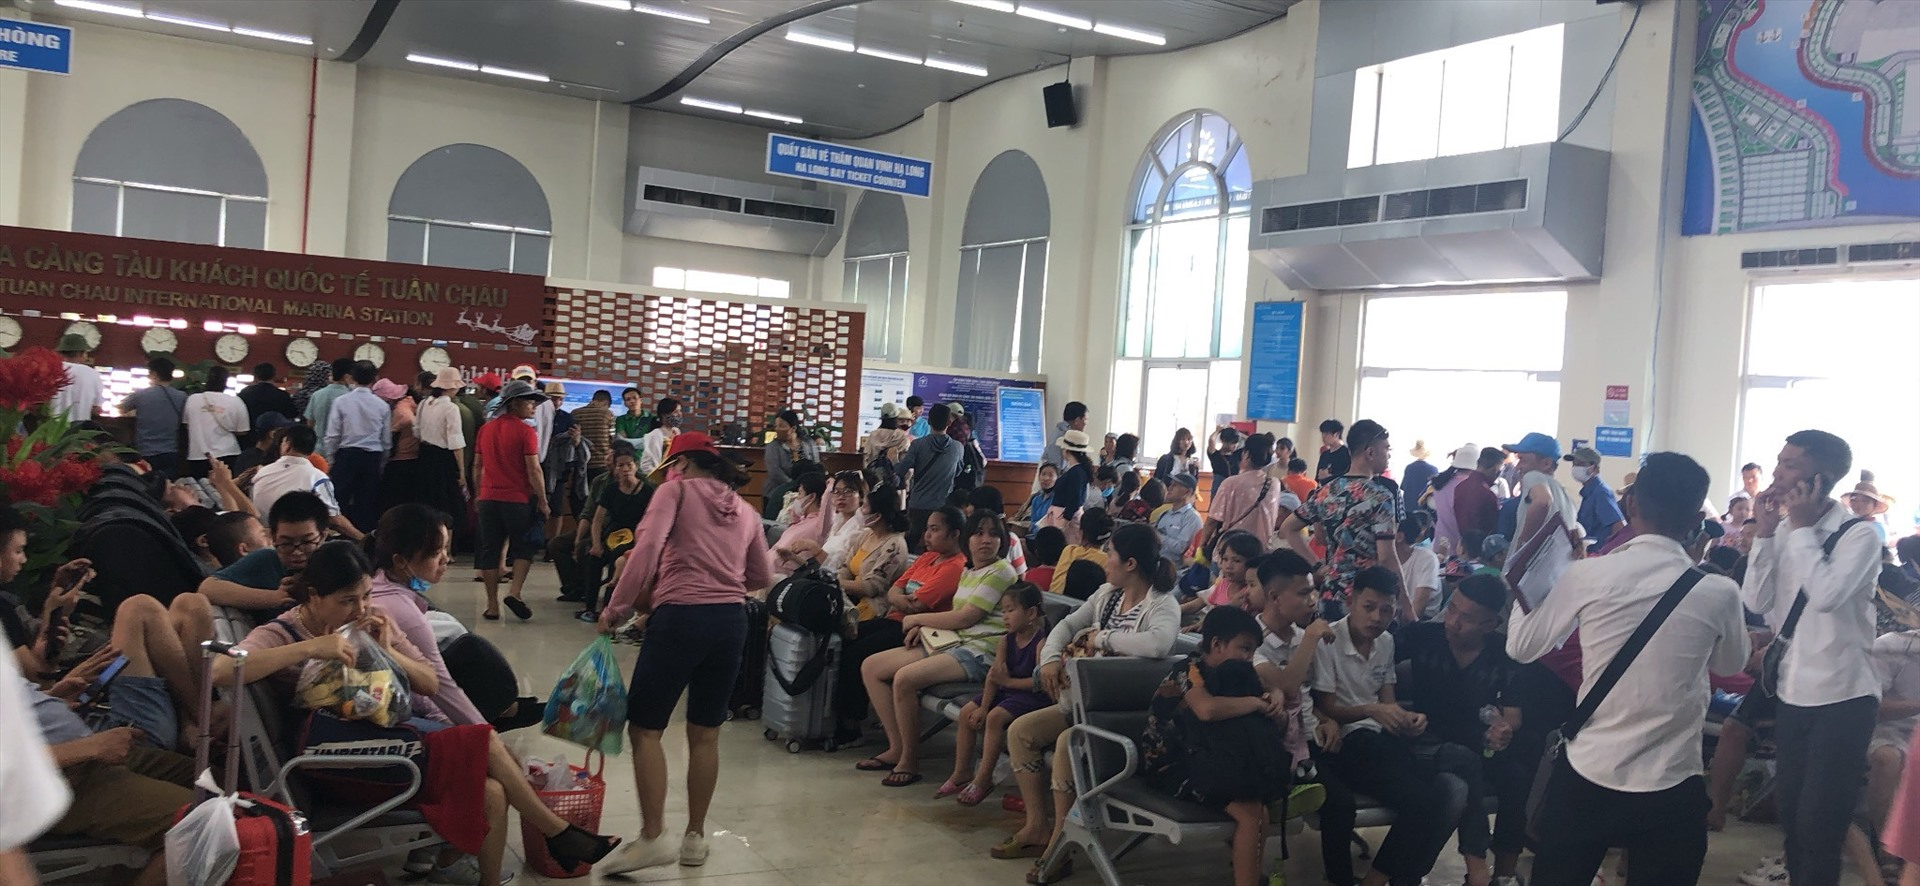 Gần 17.000 khách thăm vịnh Hạ Long/ngày: Bằng mức cao điểm trước dịch